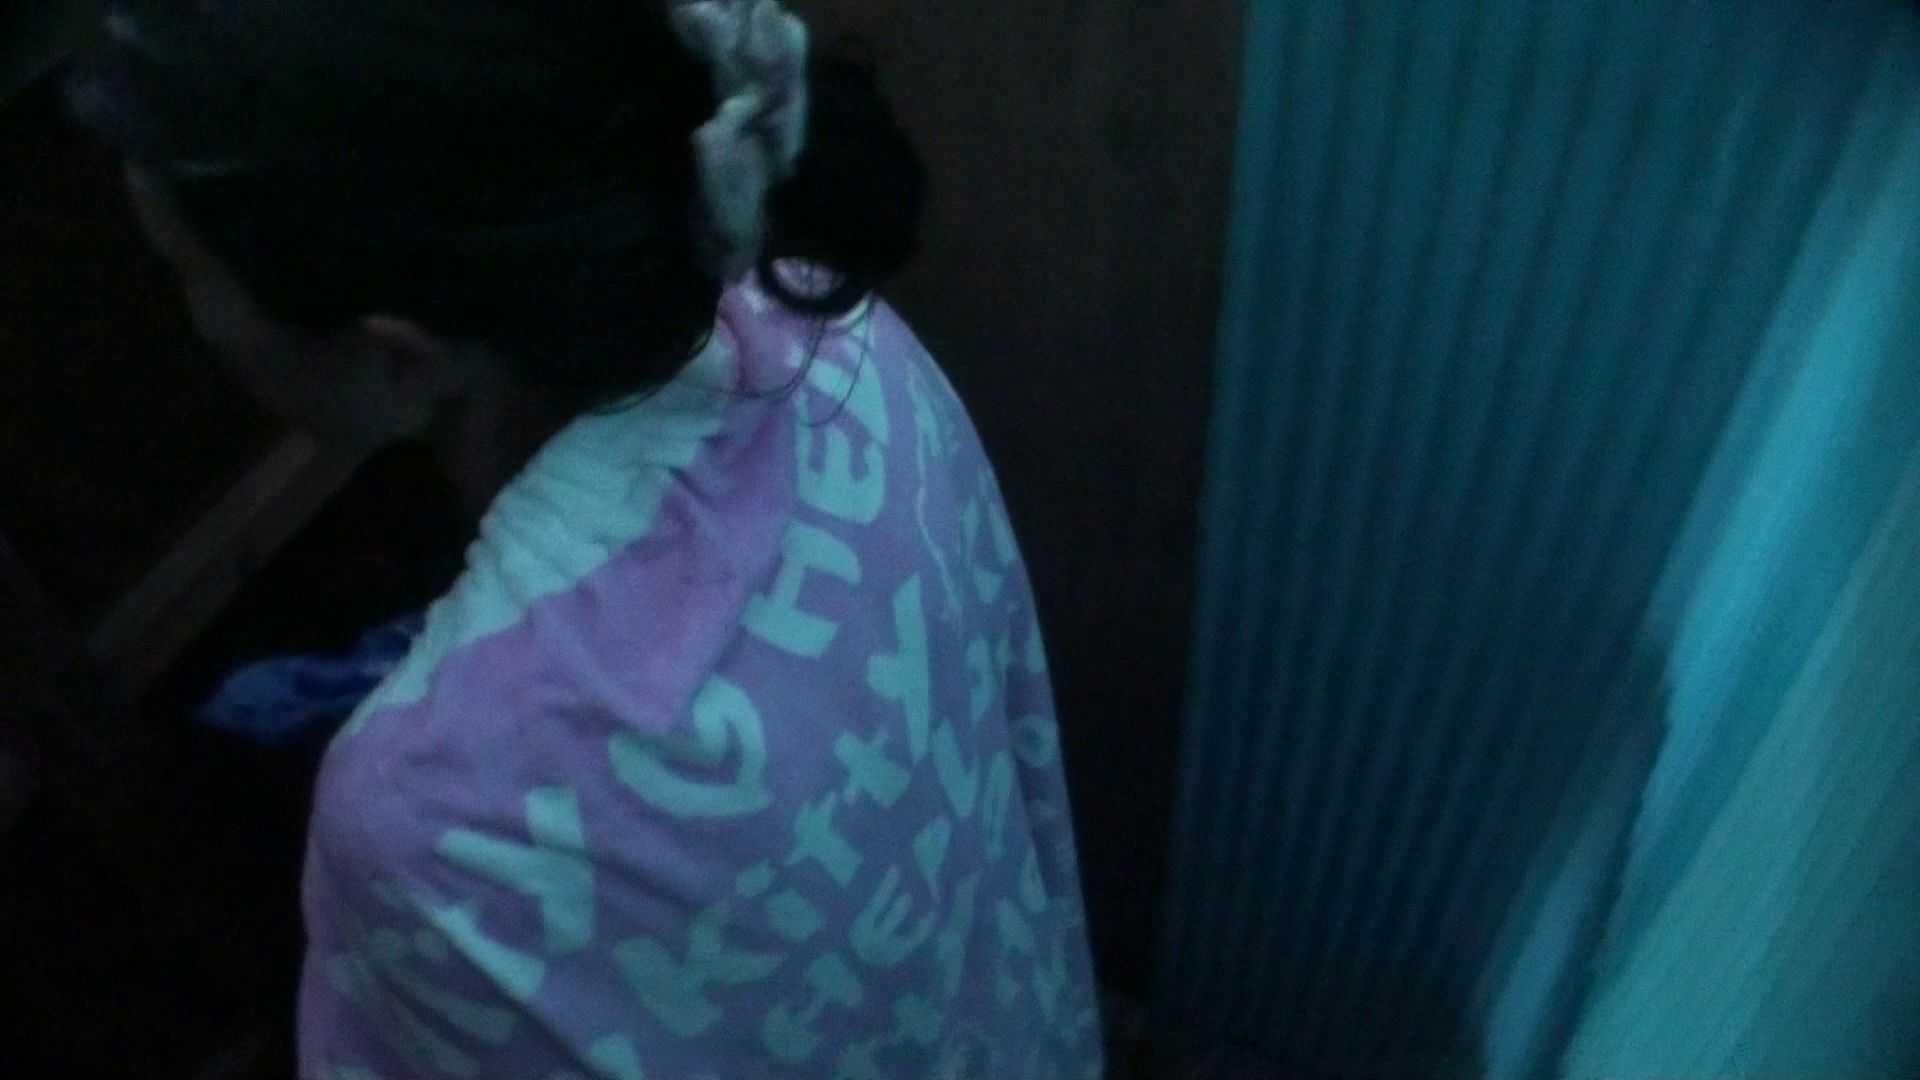 シャワールームは超!!危険な香りVol.26 大学生風美形ギャル 暗さが残念! シャワー  106画像 4